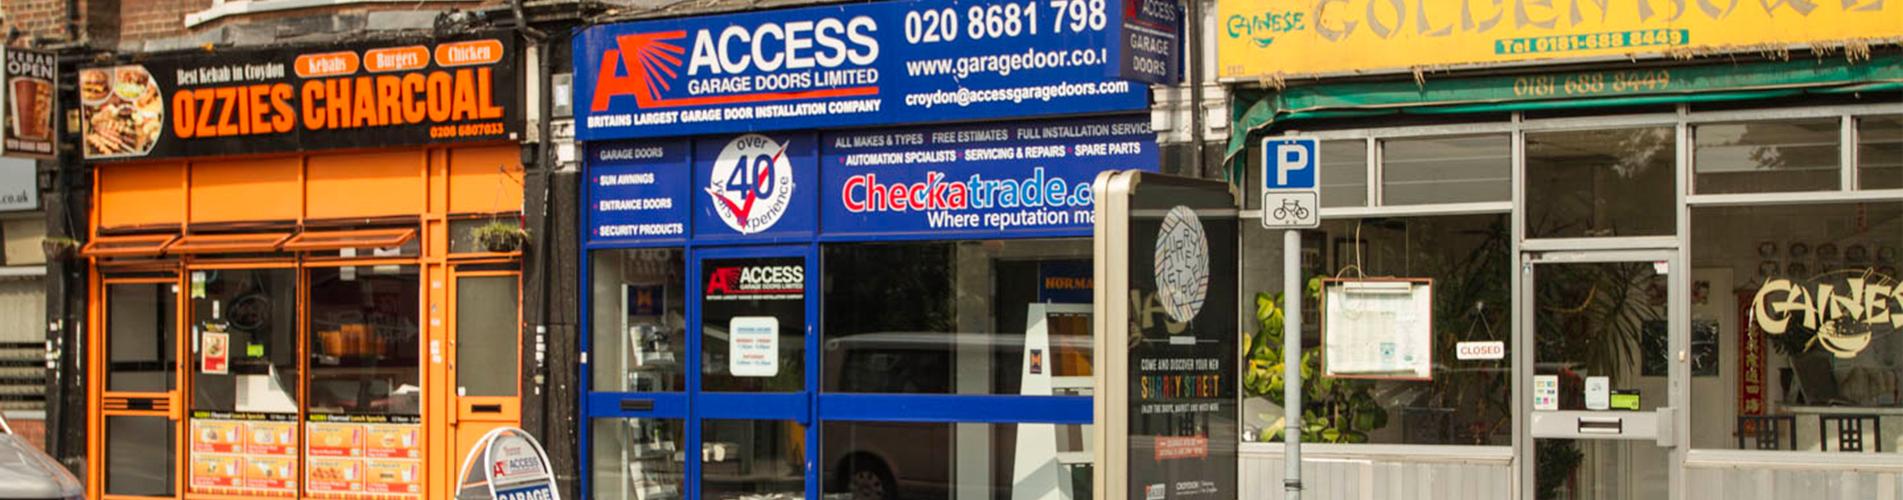 Croydon garage doors showroom